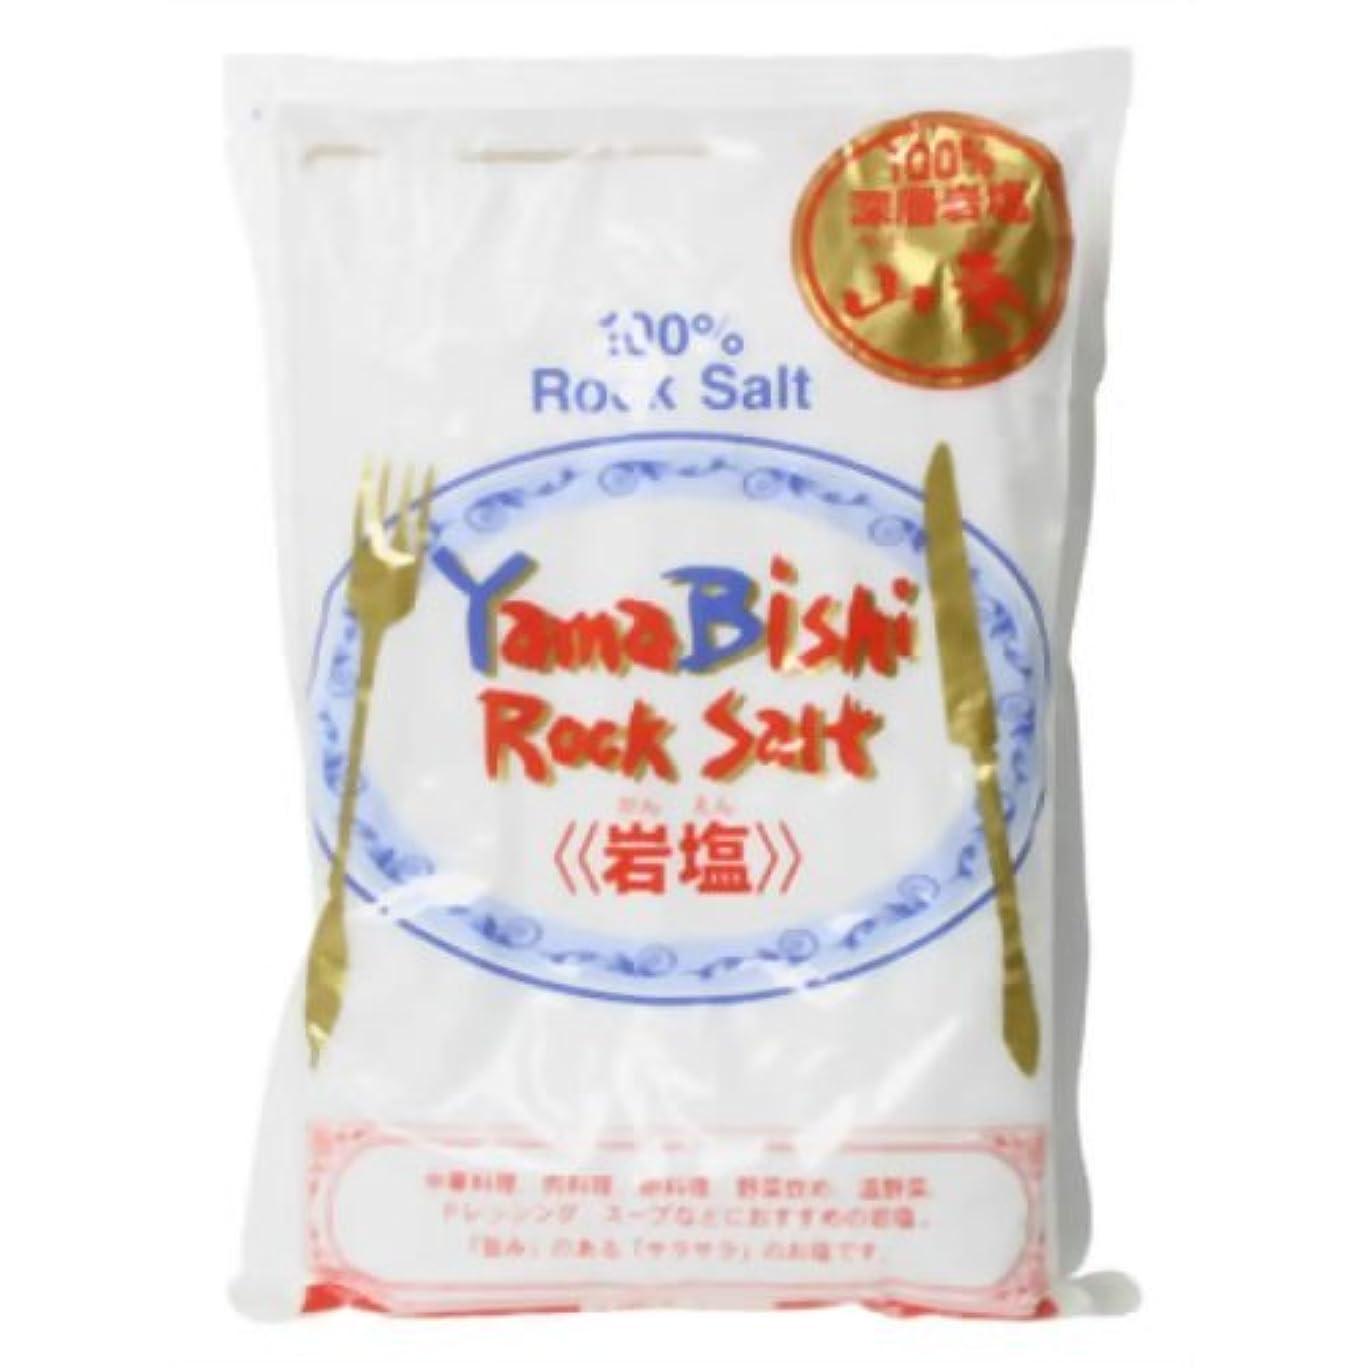 明らか世界に死んだ翻訳中国四川省産岩塩 山菱岩塩 1kg